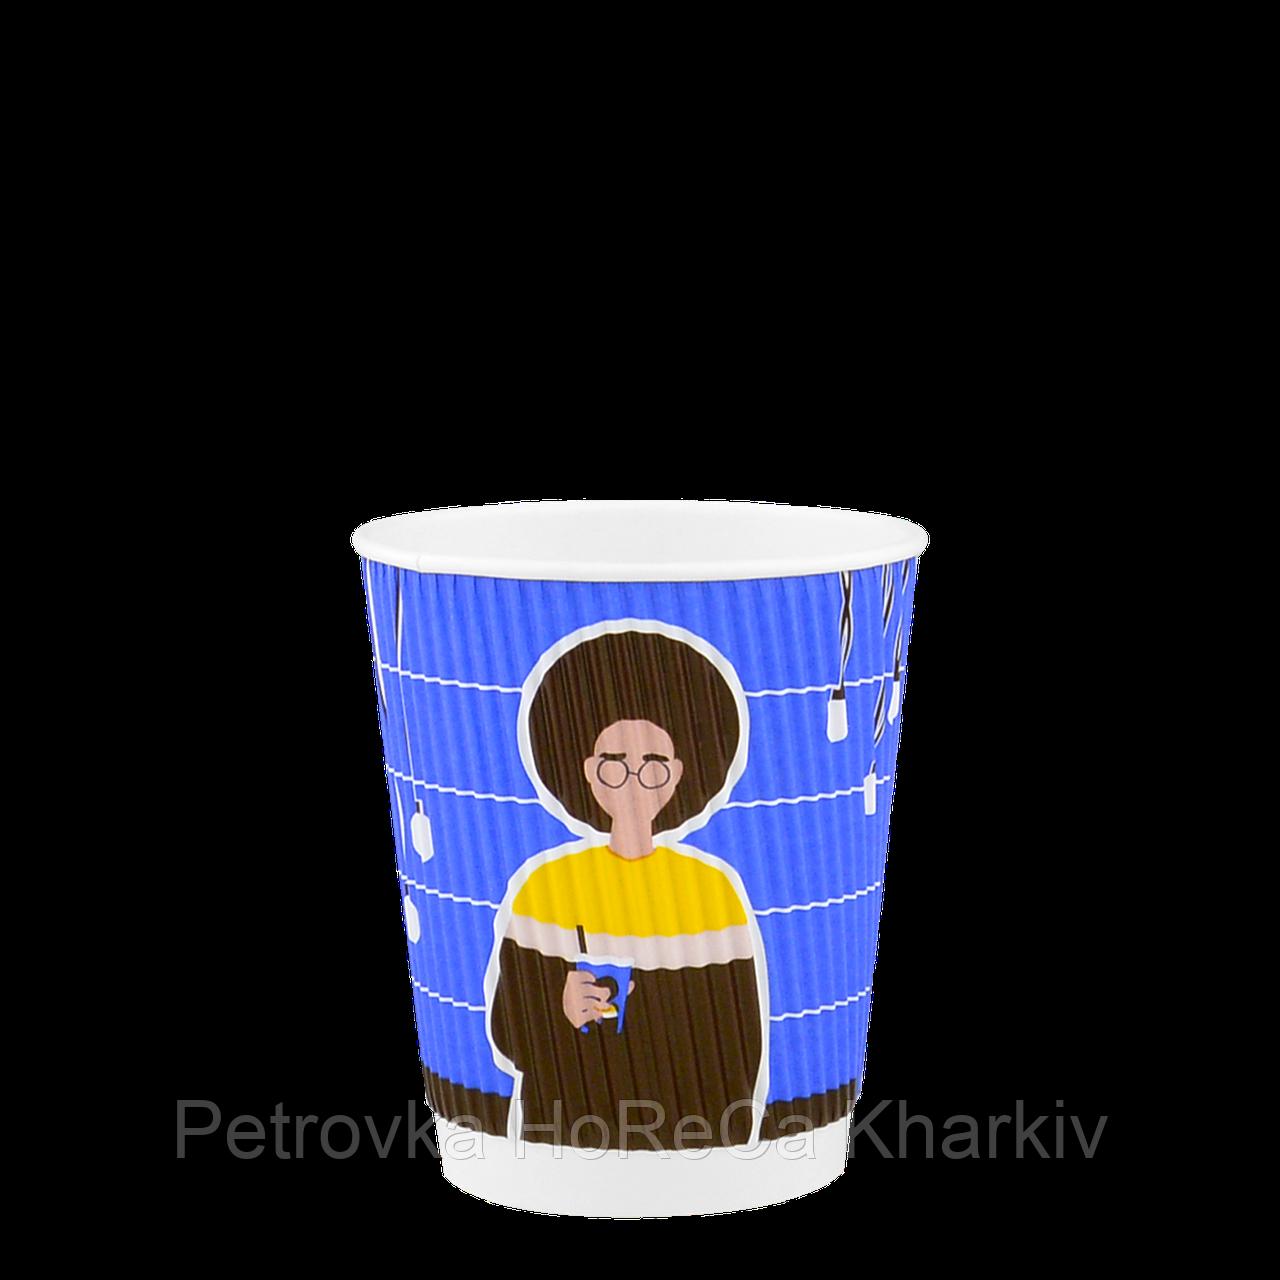 Стакан гофрований COFFEEFRIENDS 250мл. Євро 30шт/рук; 28рук/ящ; 840шт/ящ, (КВ80/FiB80)